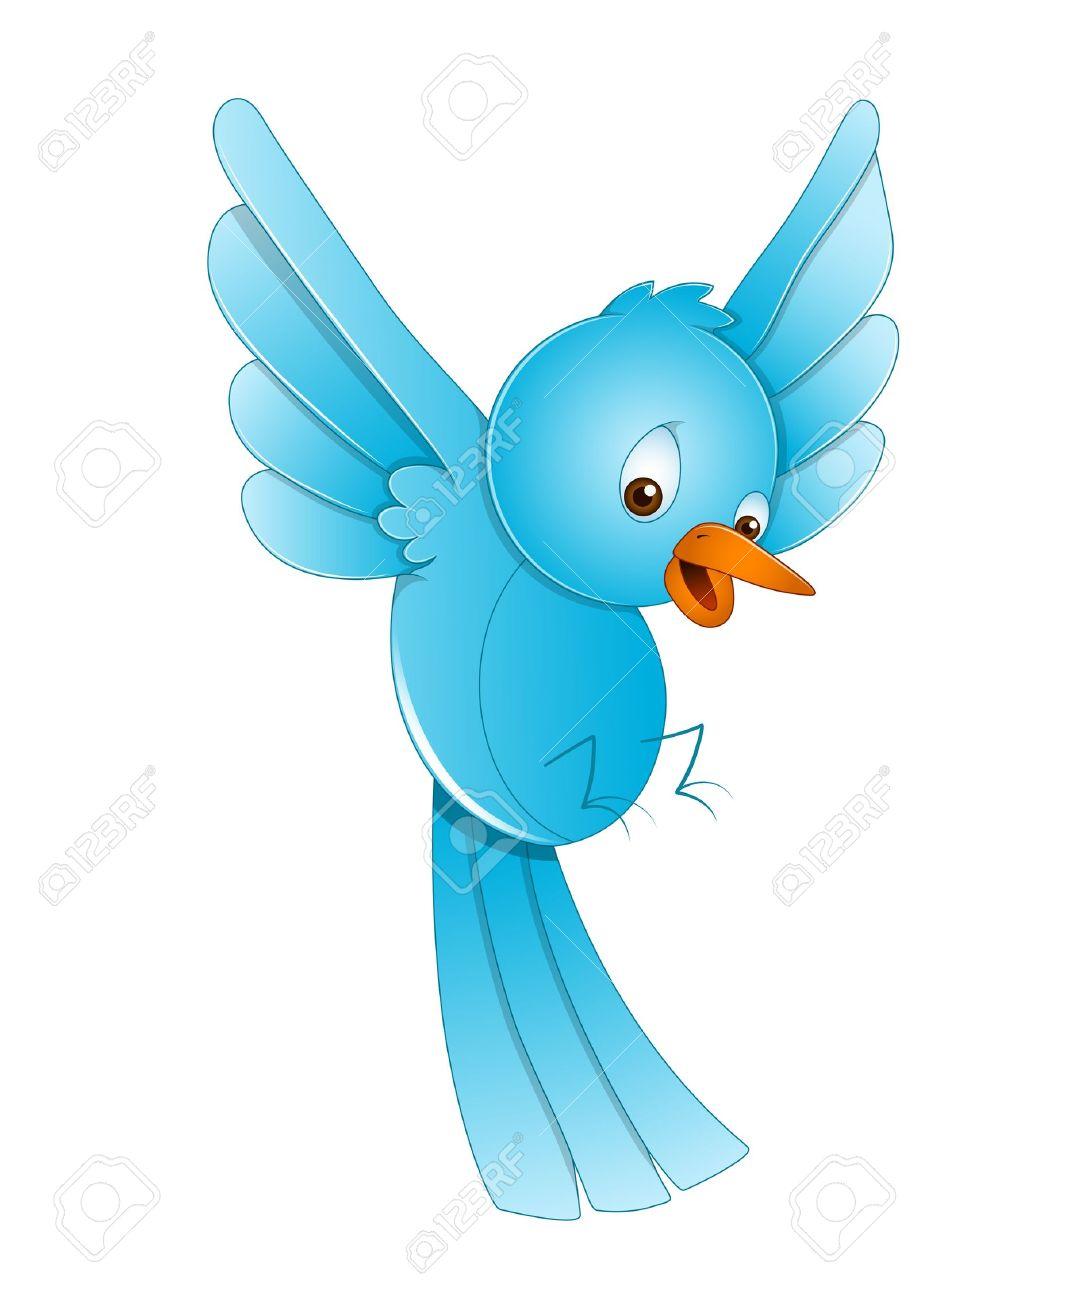 hight resolution of cute bird flying stock vector 13358172